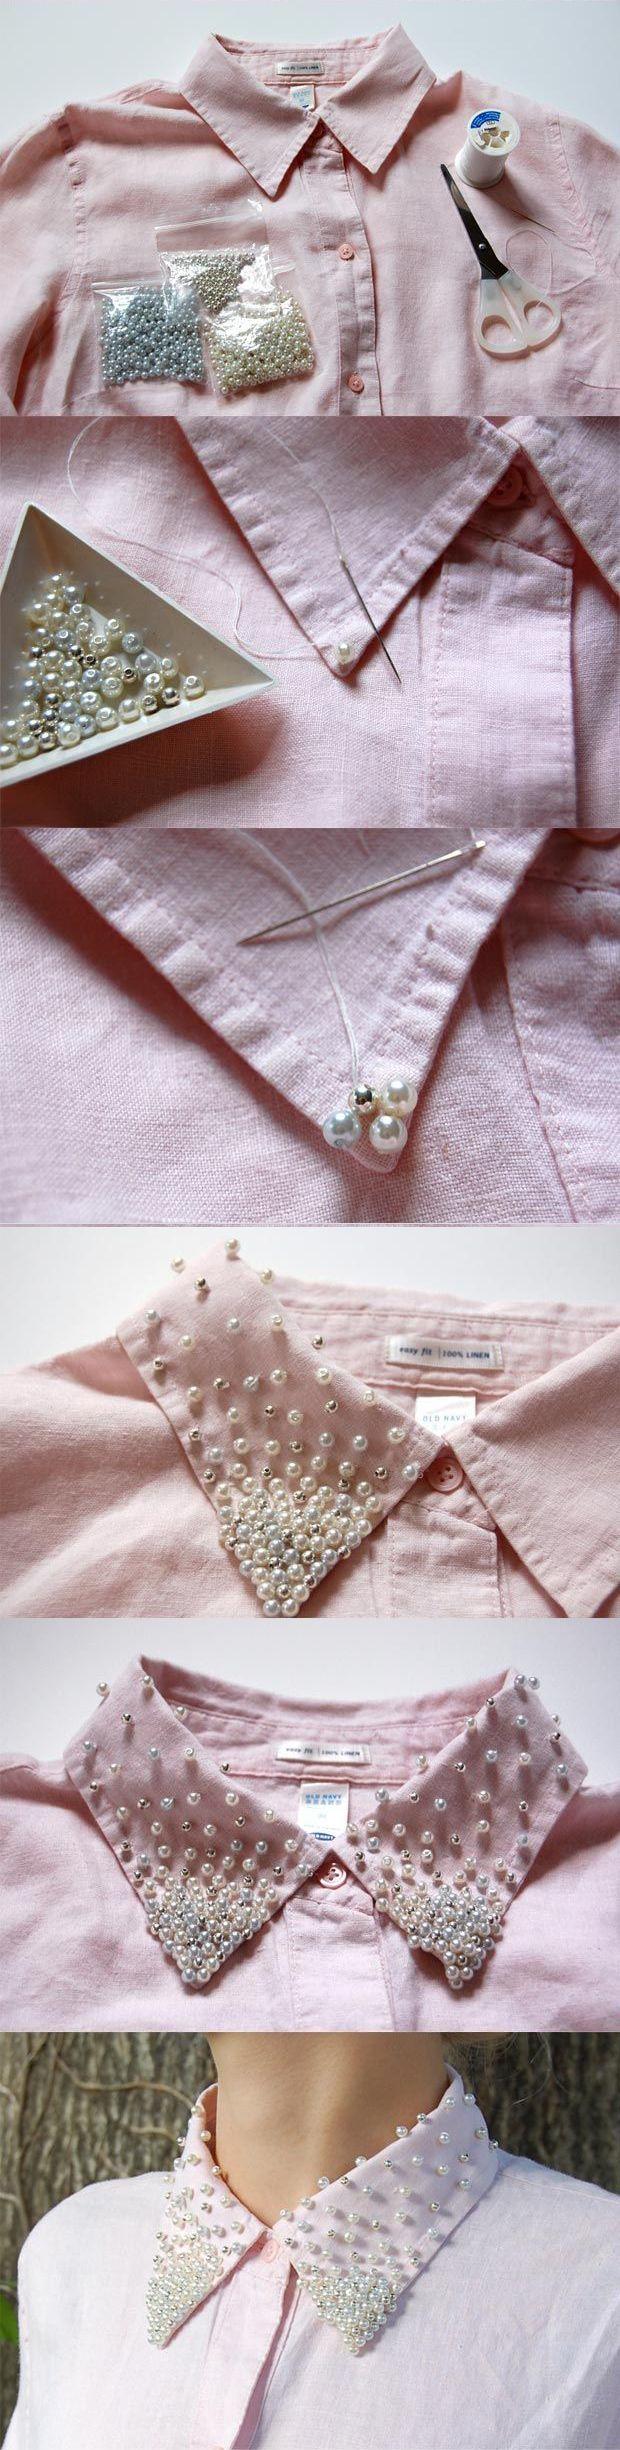 Muy buena idea para renobar camisas viejas                                                                                                                                                                                 Más